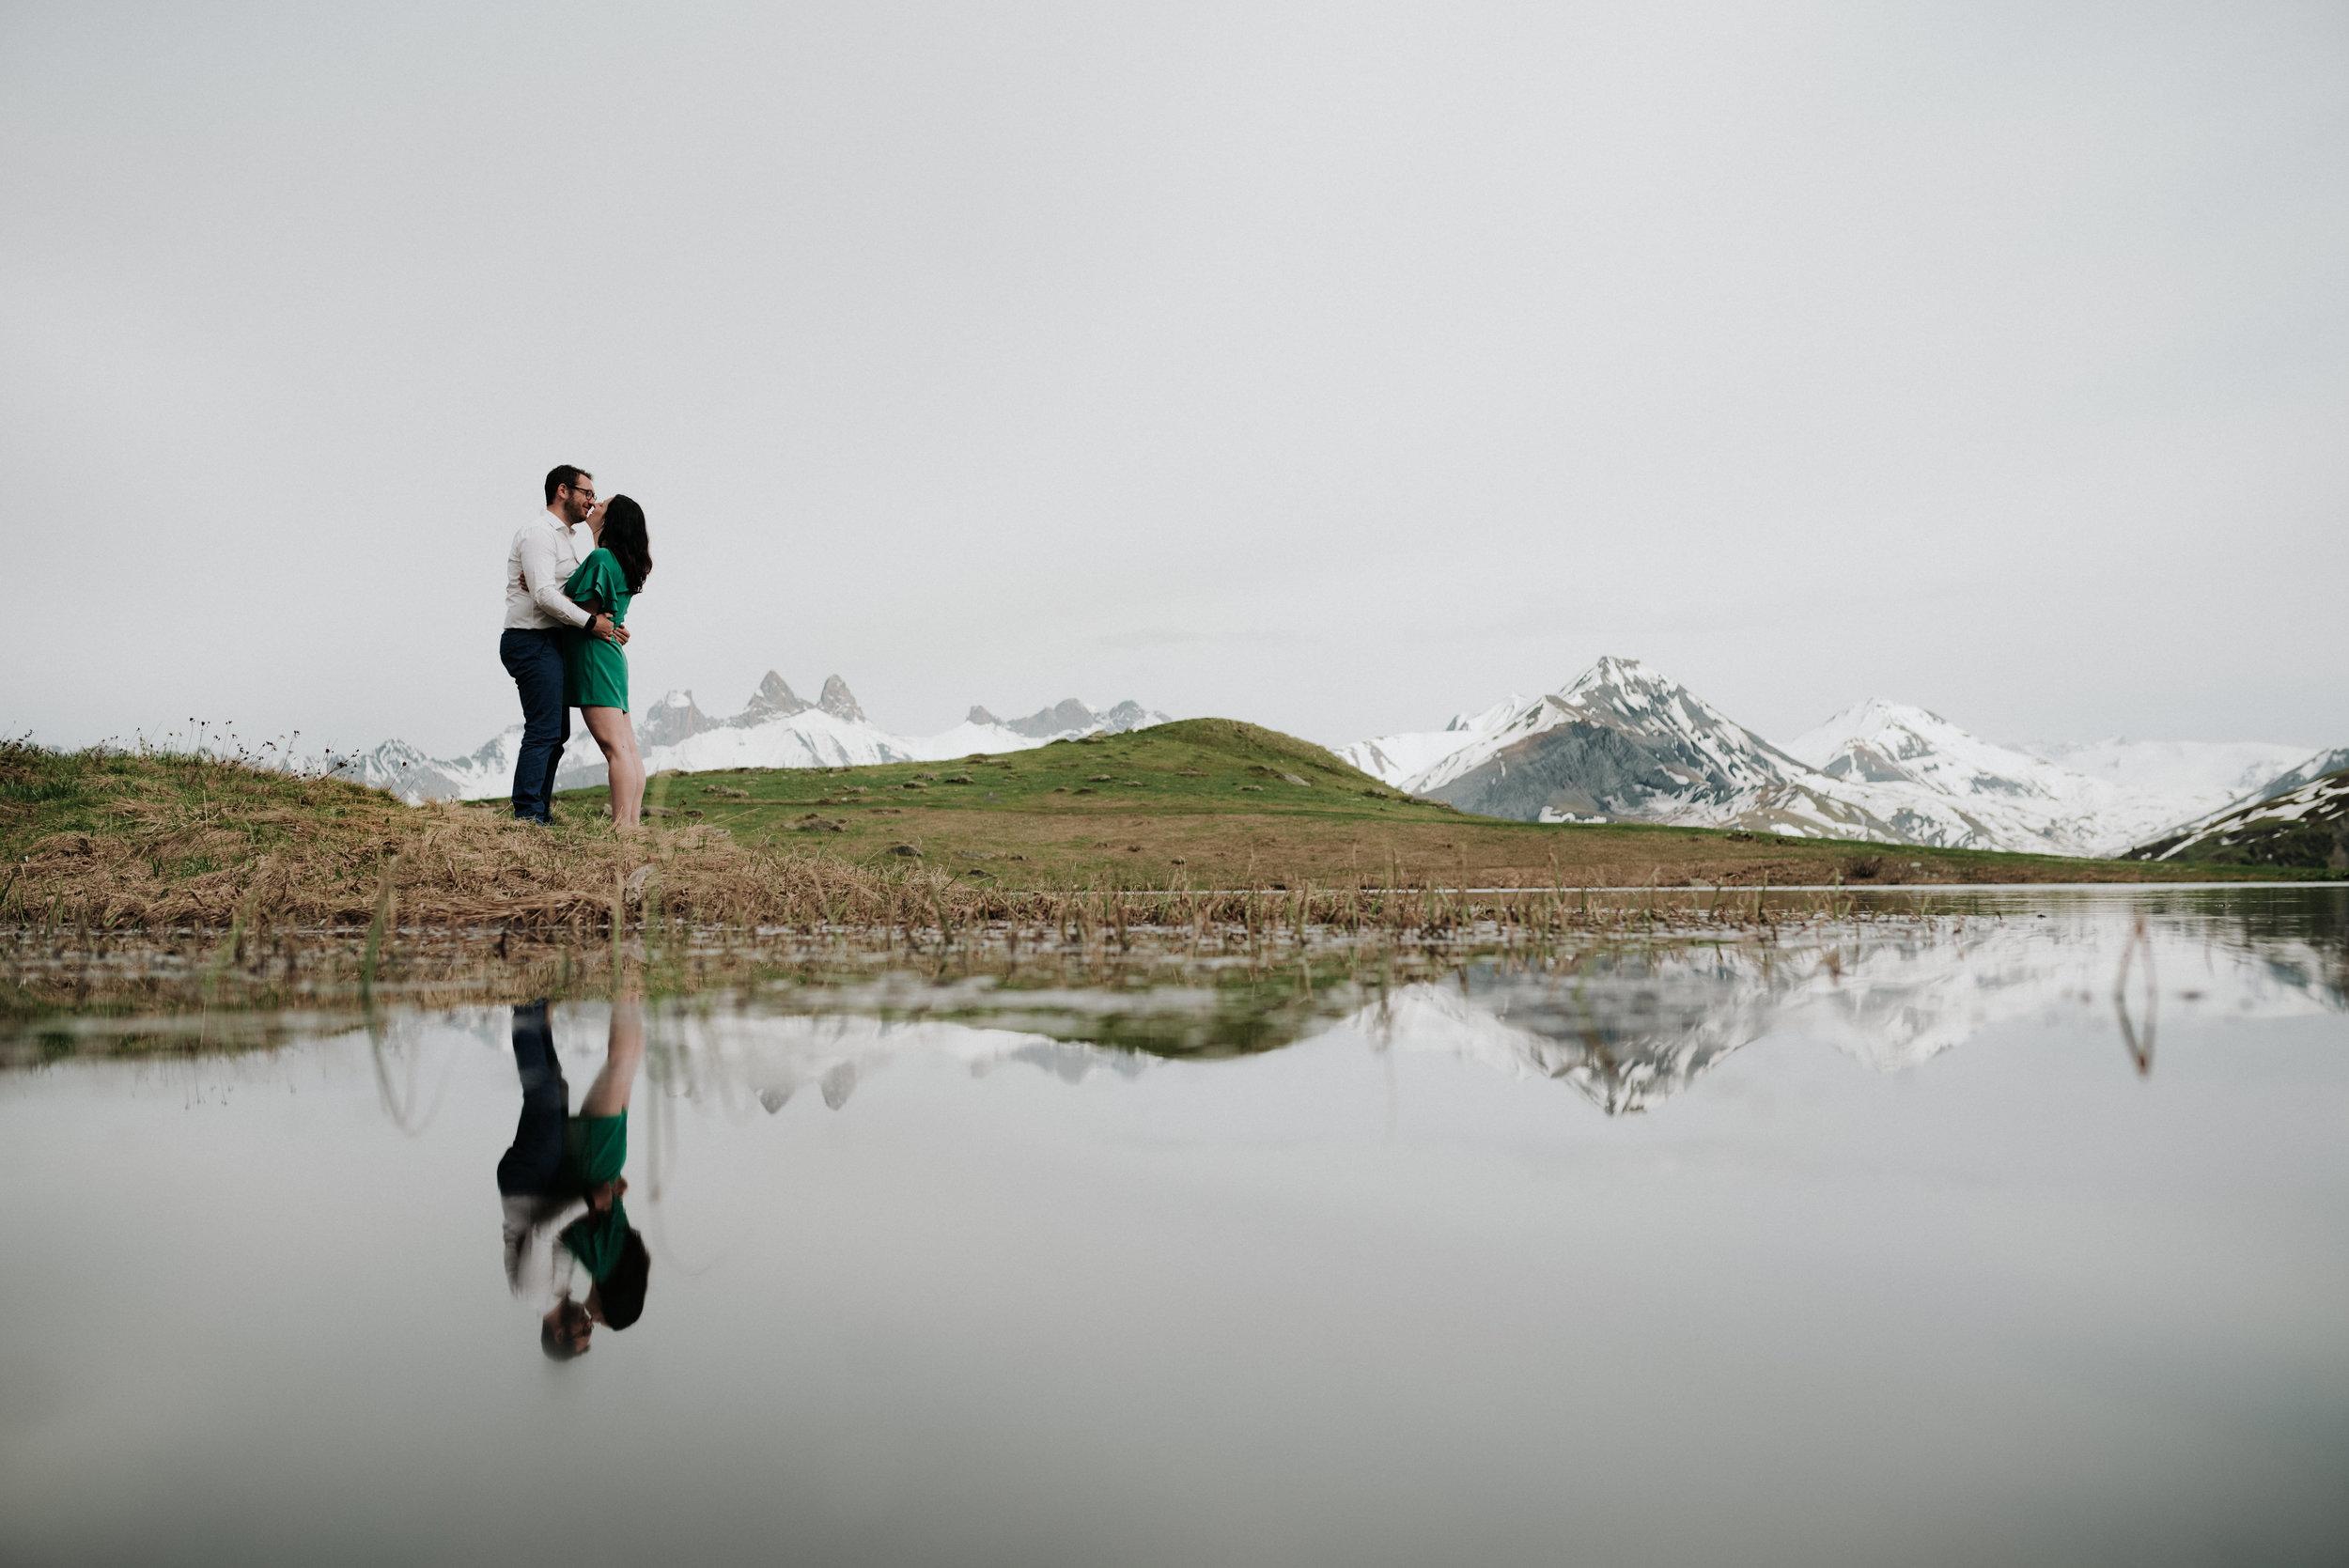 Léa-Fery-photographe-professionnel-lyon-rhone-alpes-portrait-creation-mariage-evenement-evenementiel-famille-1042.jpg